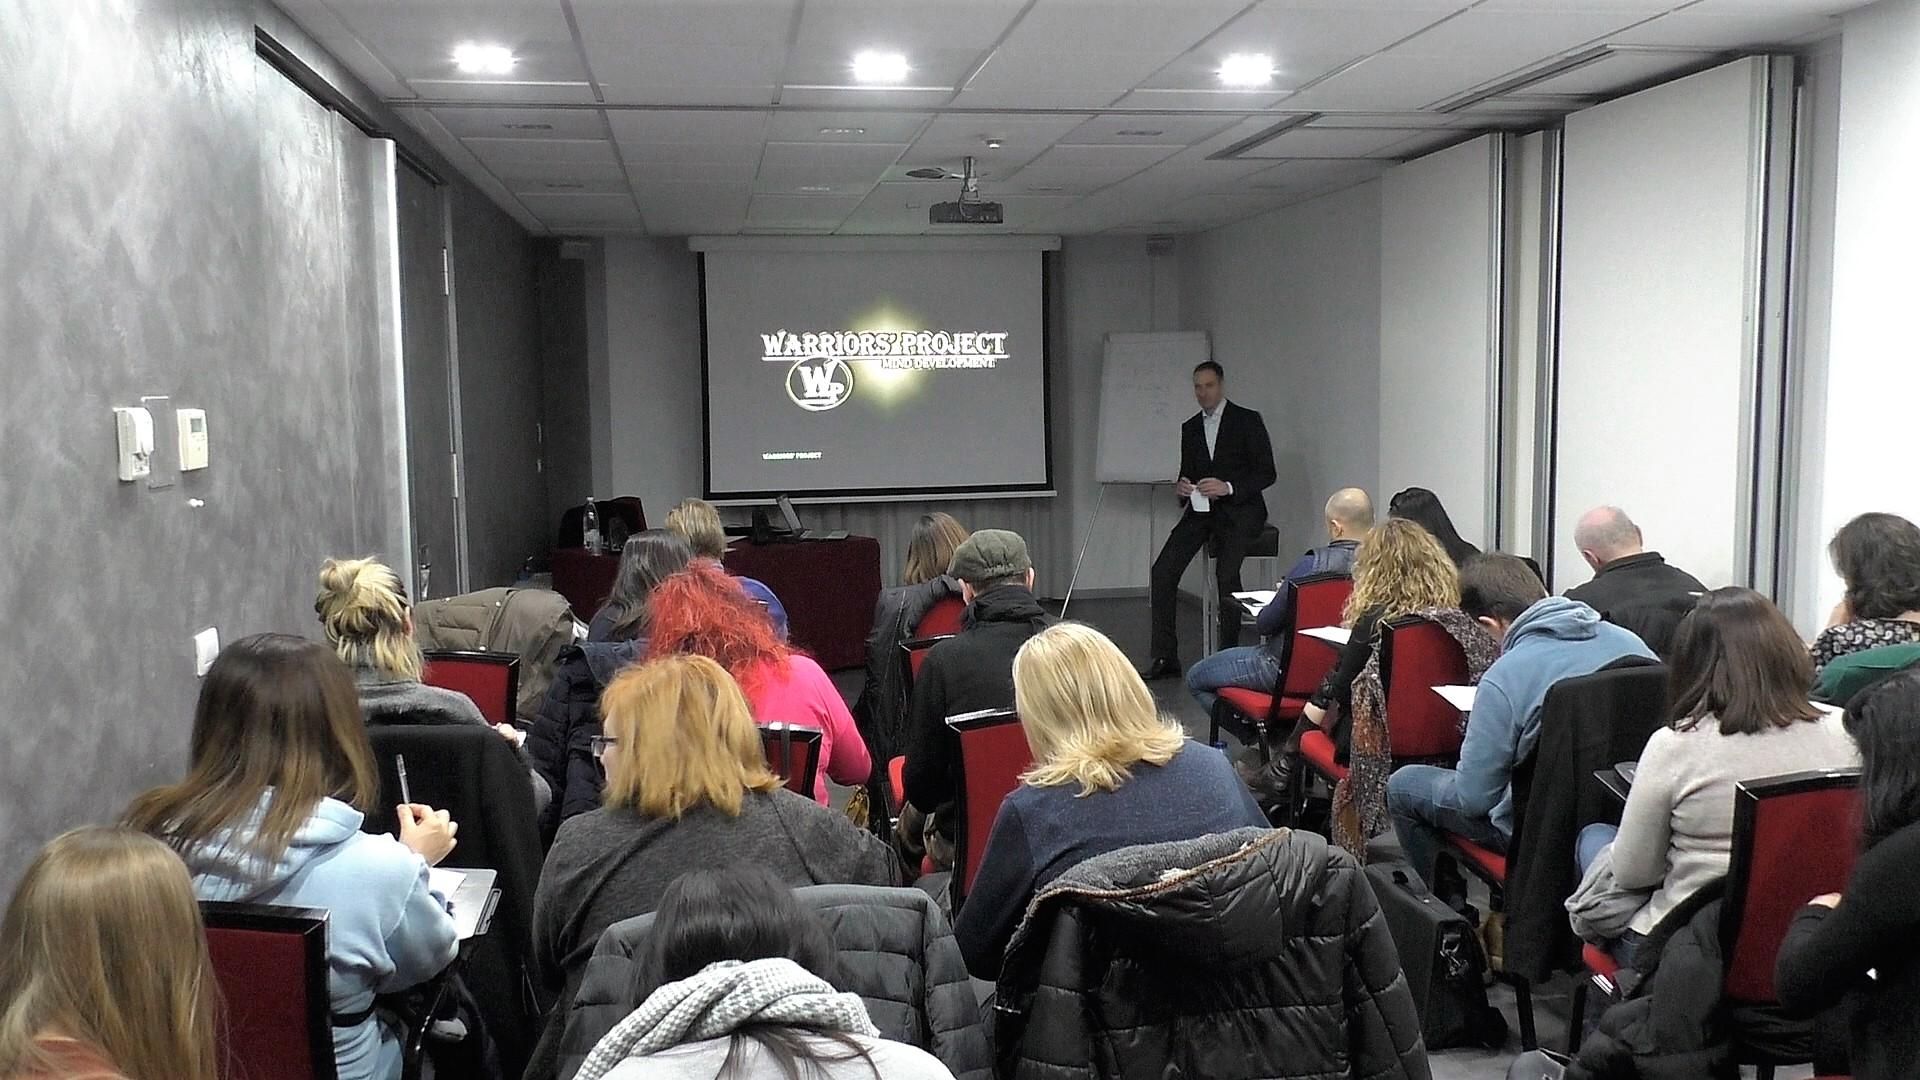 corso formazione strategie e obiettivi mentalità vincente crescita personale intelligenza emotiva parma reggio emilia vincenzo cento warriors project 16